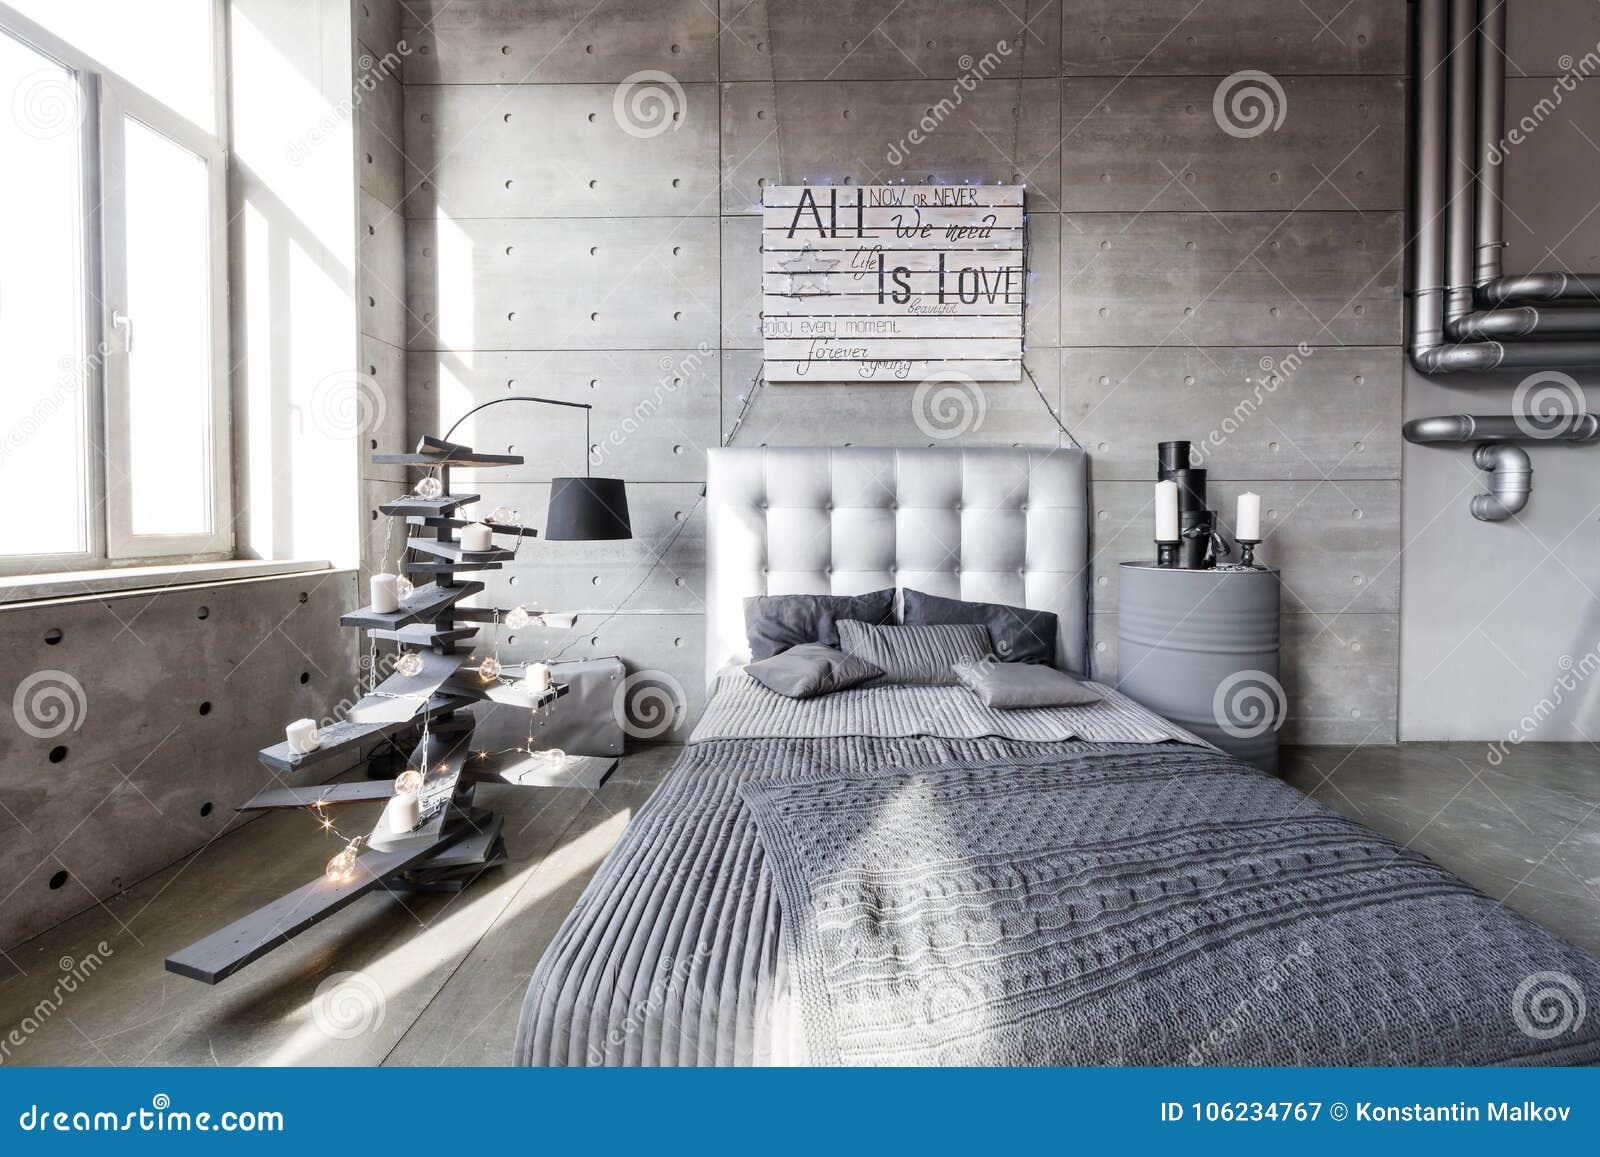 Slaapkamer Kleuren Grijs : Moderne lege slaapkamer in zolderstijl met grijze kleuren en houten